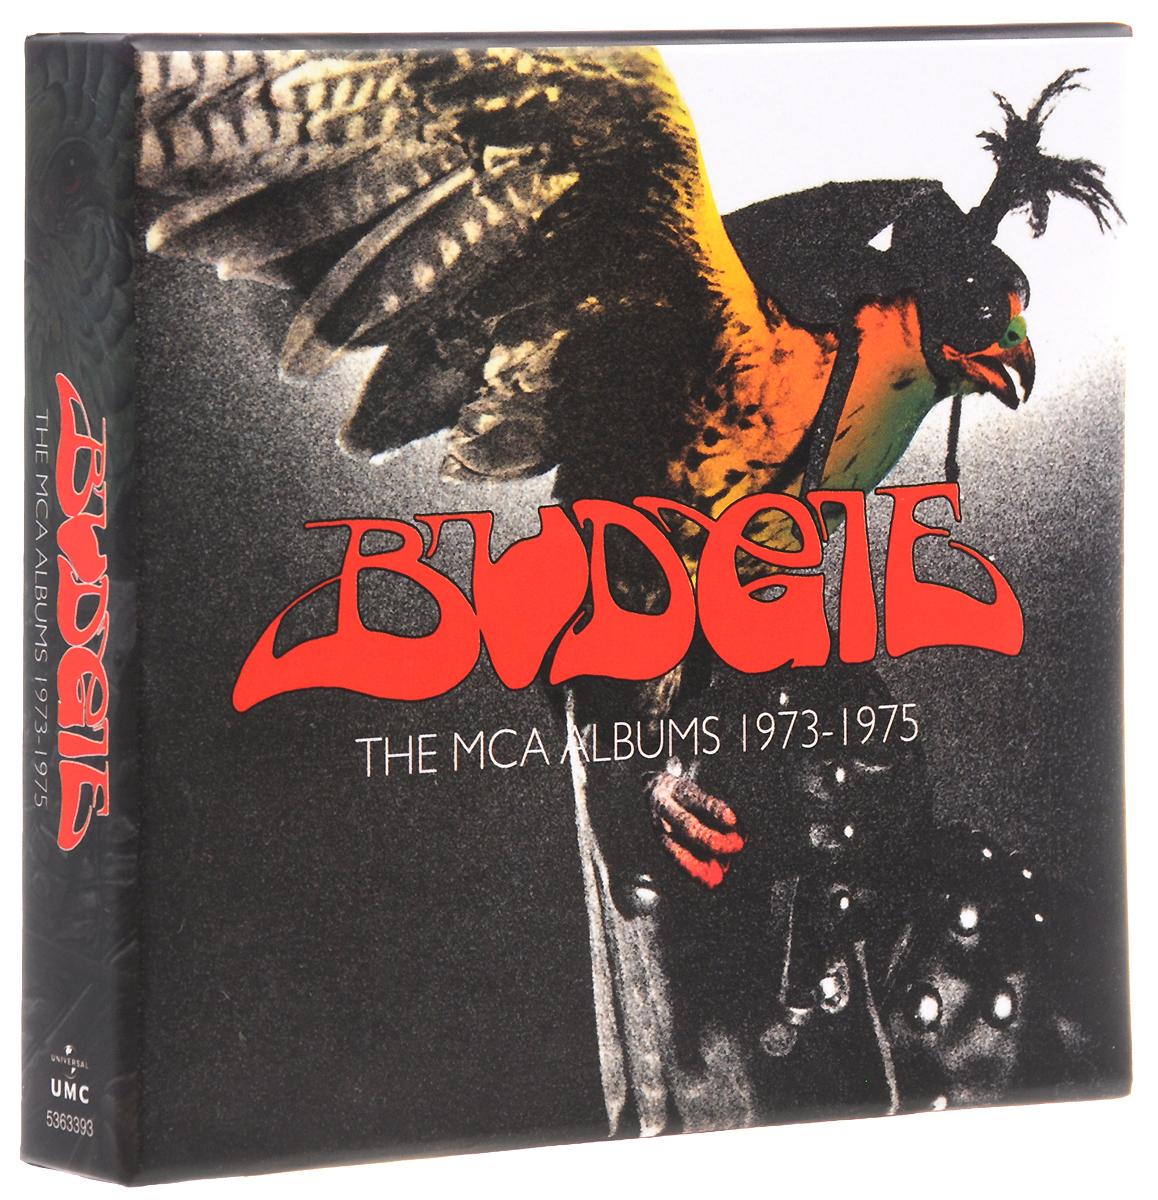 цена на Budgie Budgie. The MCA Albums 1973-1975 (3 CD)